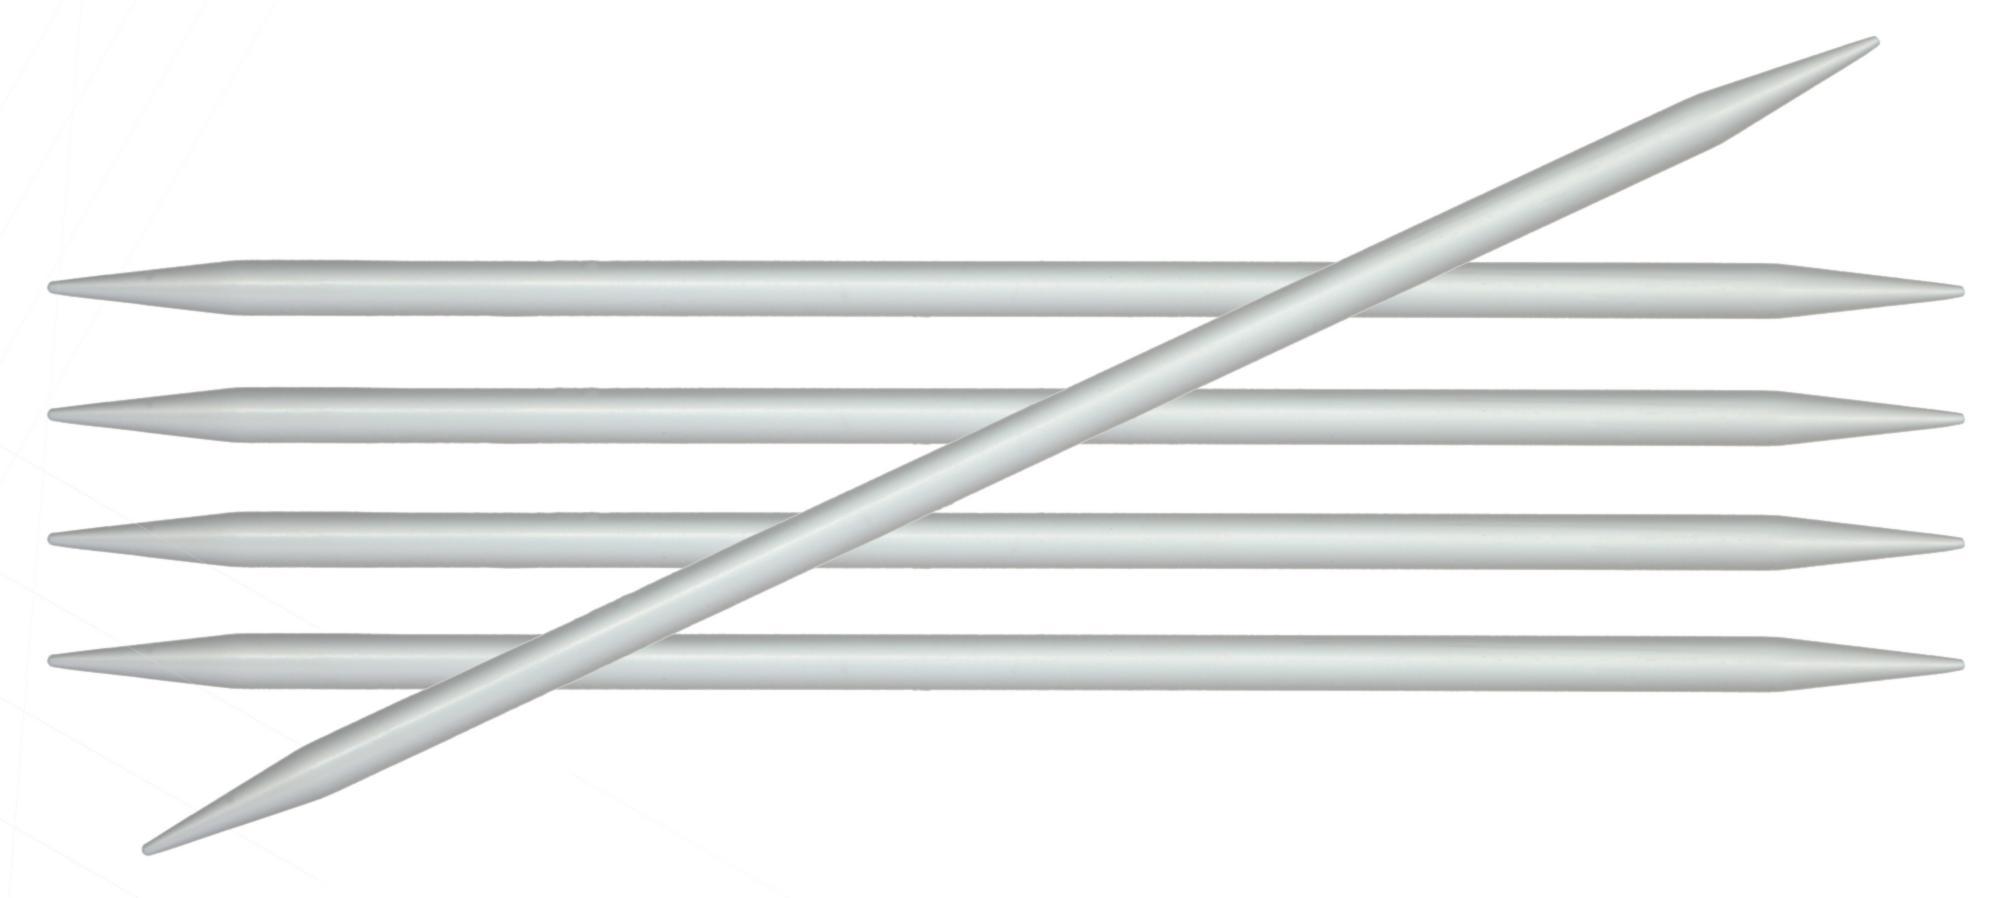 Спицы носочные 20 см Basix Aluminium KnitPro, 45112, 2.50 мм